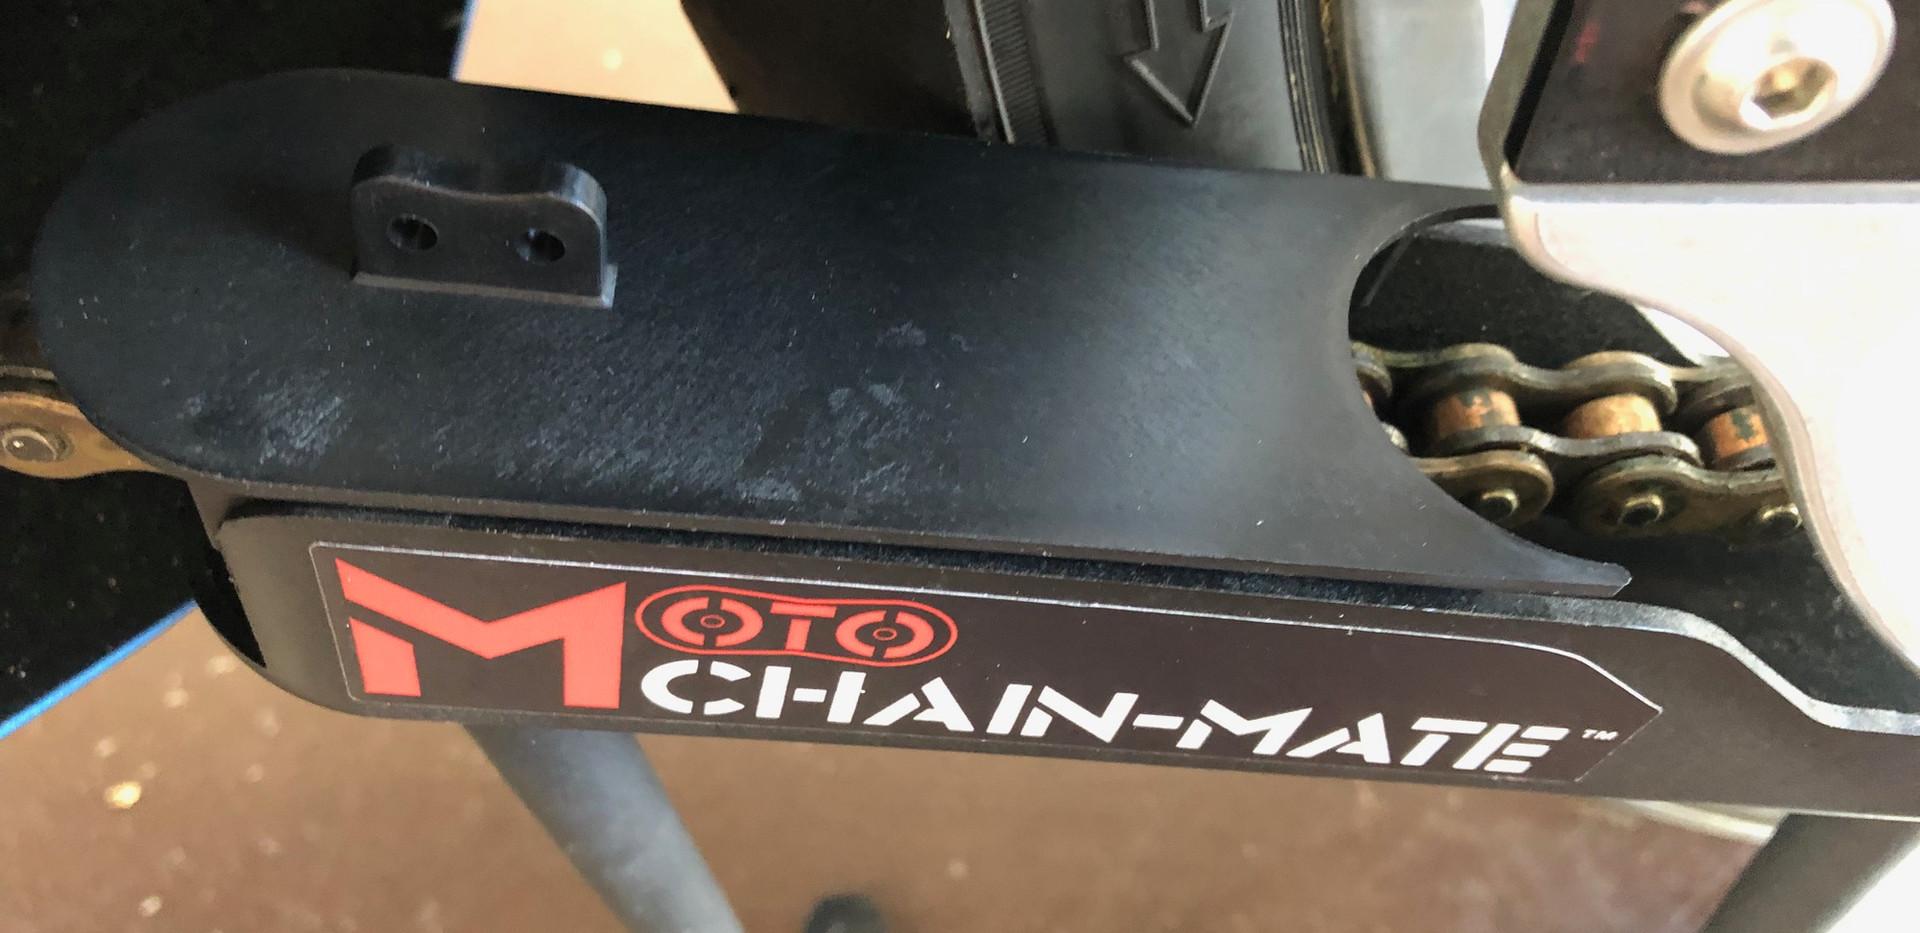 Moto Chain-Mate 92.jpg